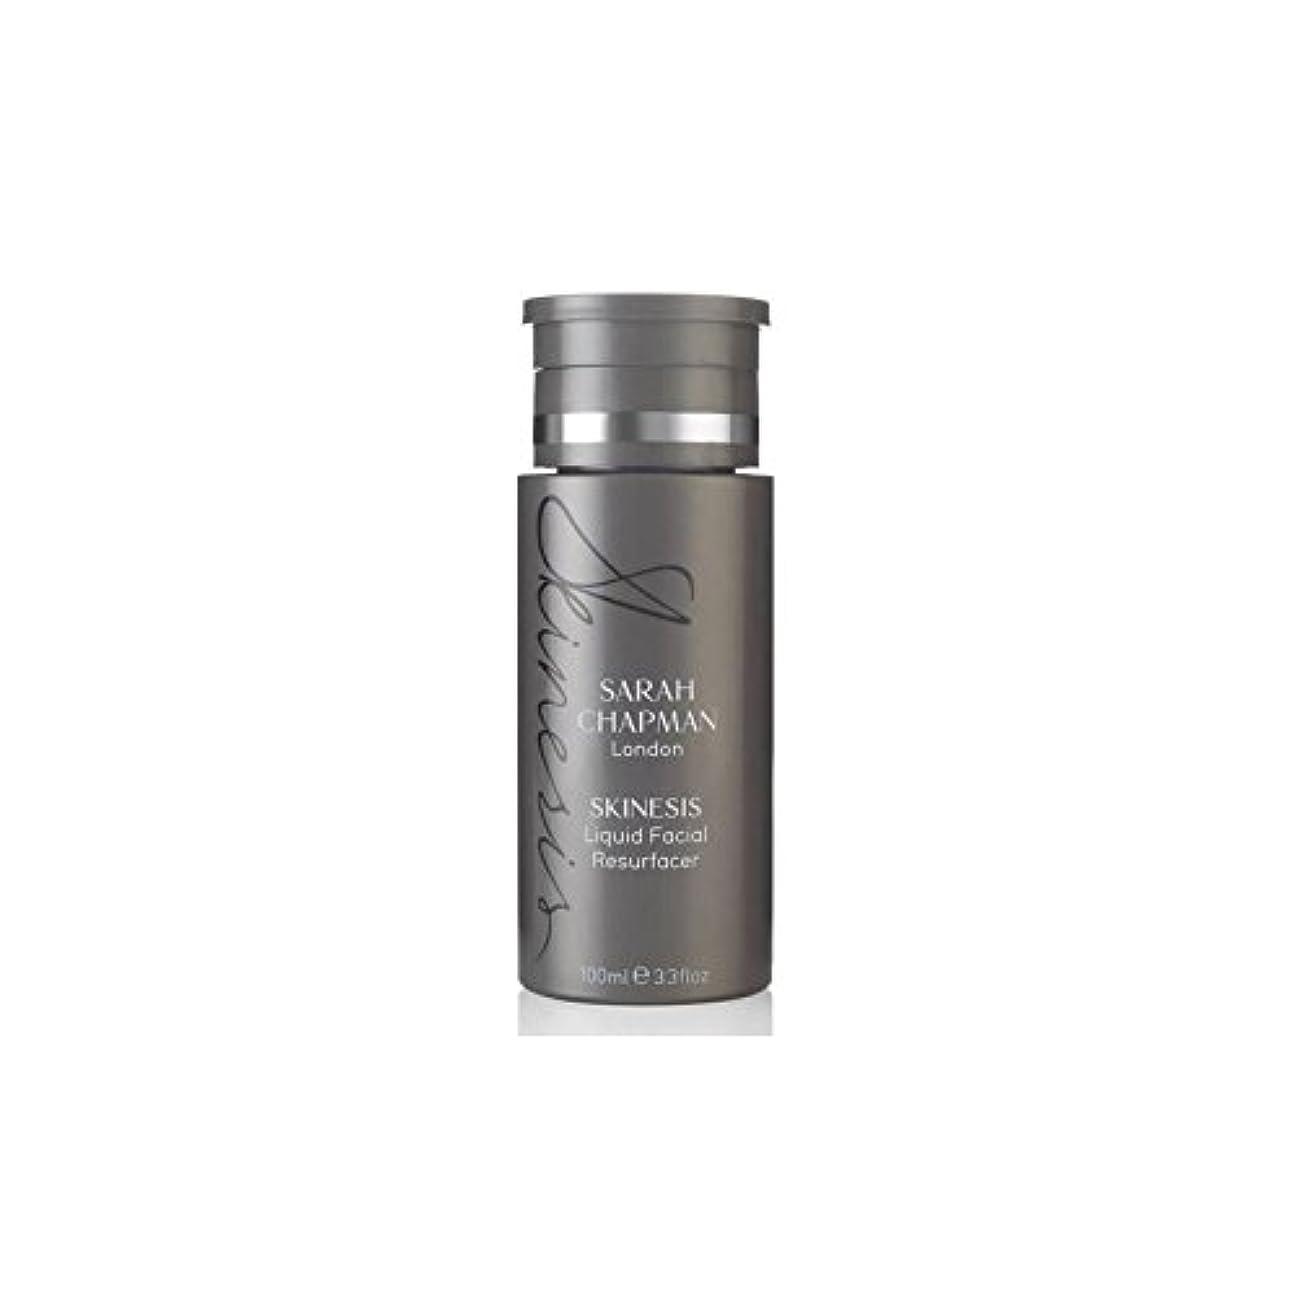 あざベーコン大サラチャップマン液体顔(100)に x2 - Sarah Chapman Skinesis Liquid Facial Resurfacer (100ml) (Pack of 2) [並行輸入品]